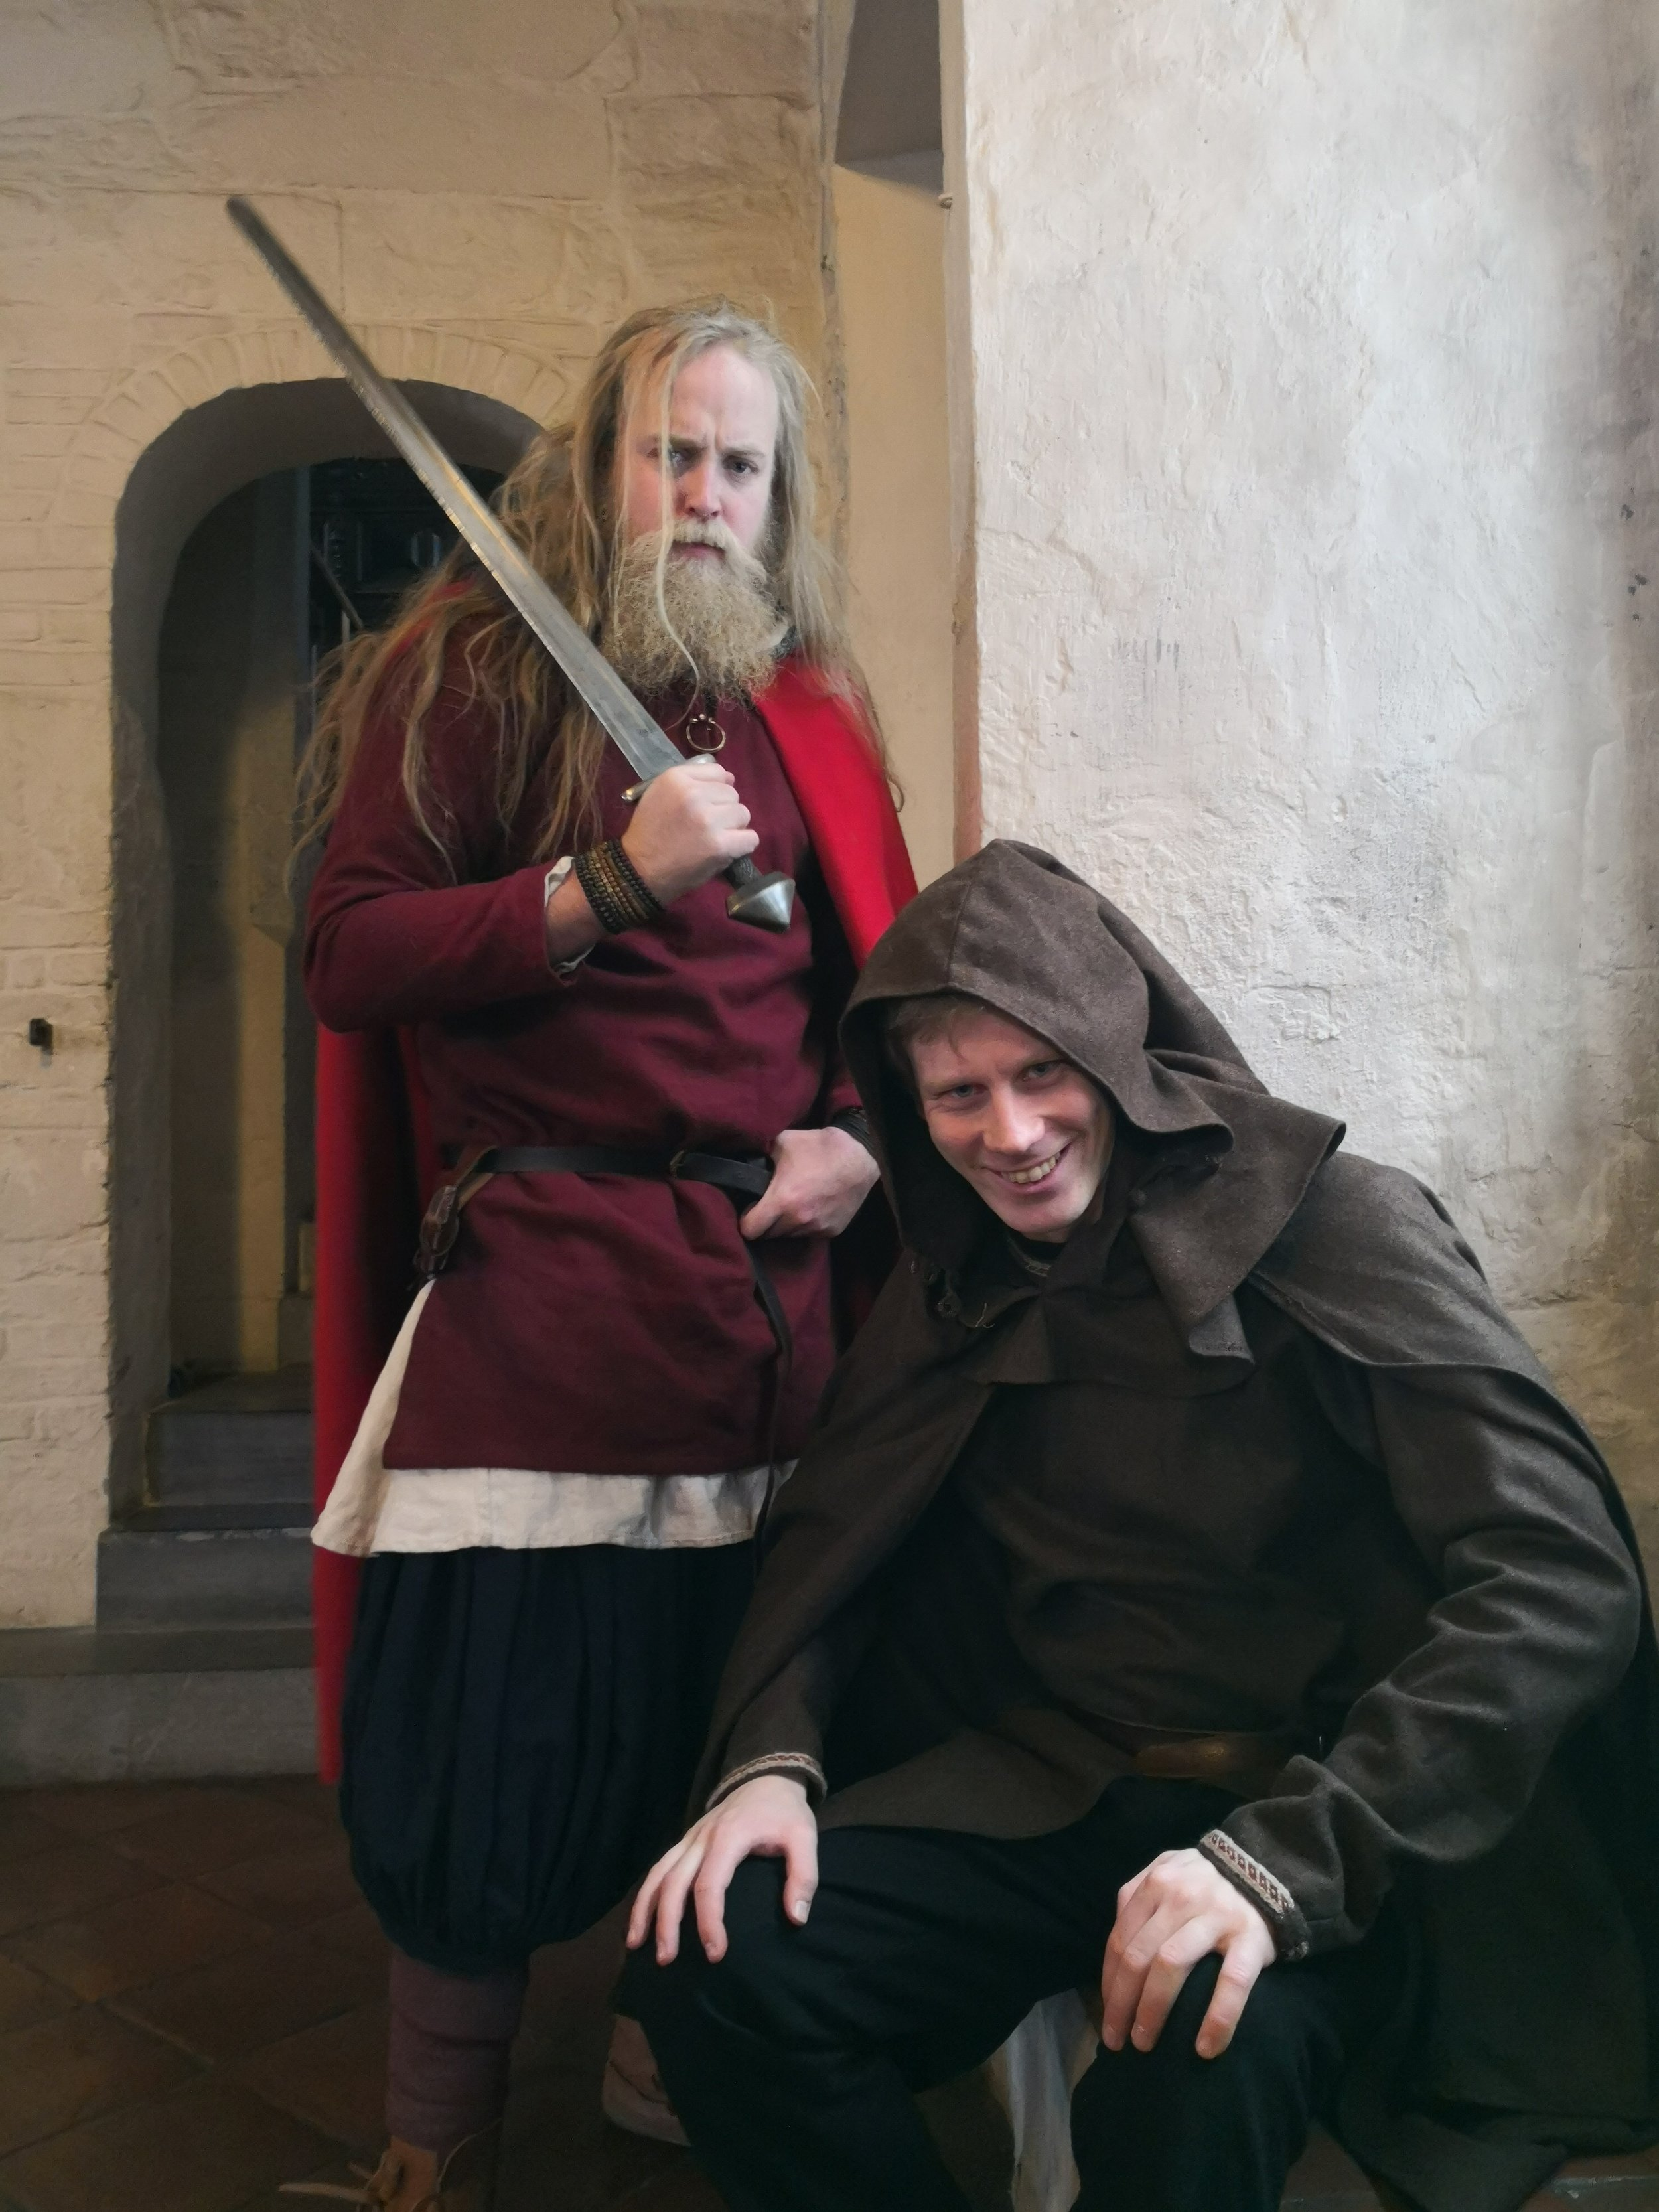 Maiken Lien Jørgensen - Magnus og Ole, St. Olavs kappseiling.jpg